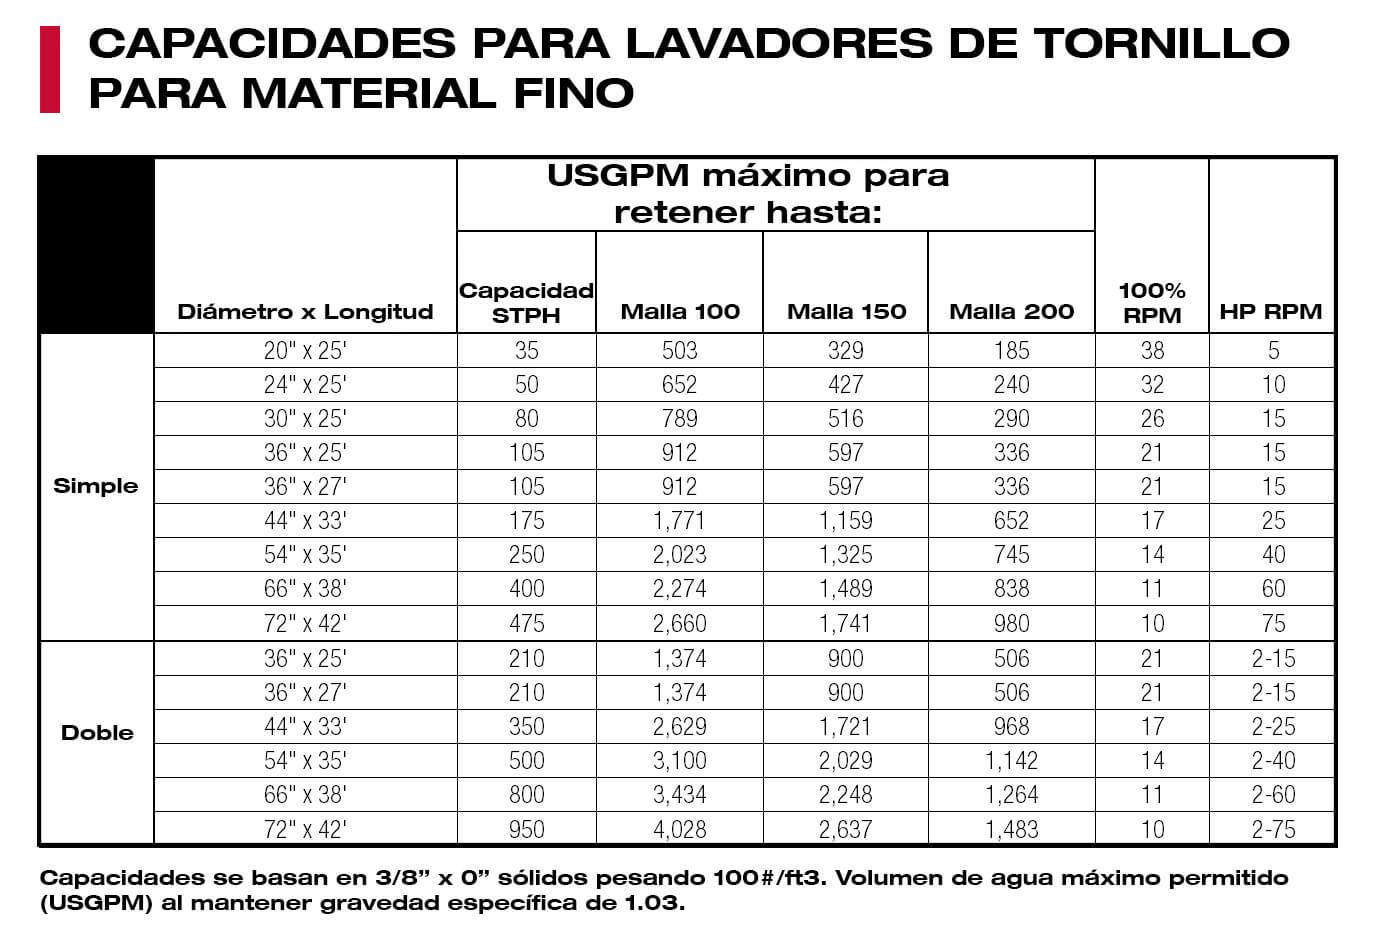 CAPACIDADES-PARA-LAVADORES-DE-TORNILLO-PARA-MATERIAL-FINO.jpg?mtime=20210601082135#asset:53396